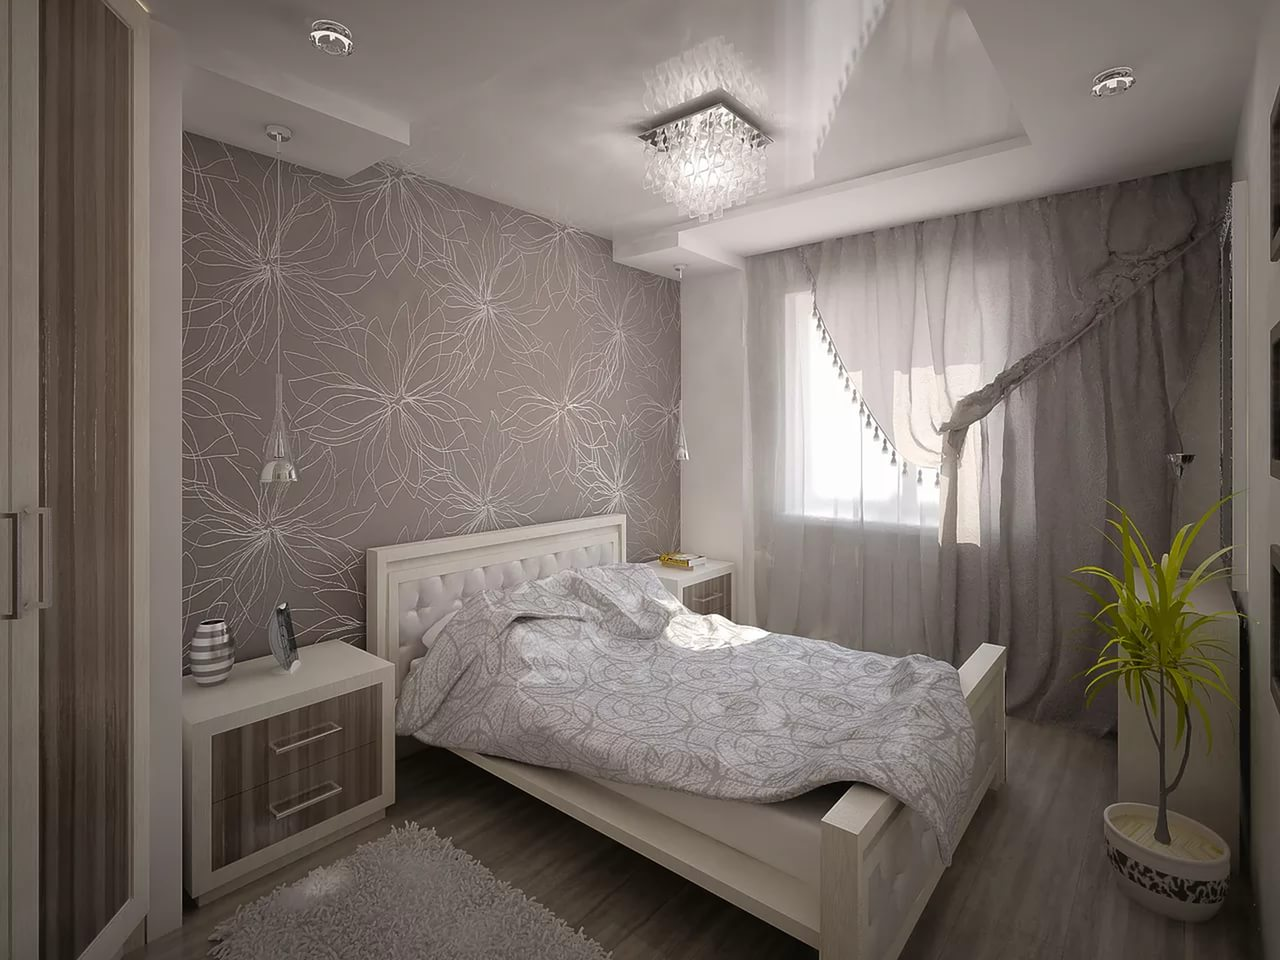 Ремонт спальной комнаты своими руками фото фото 517